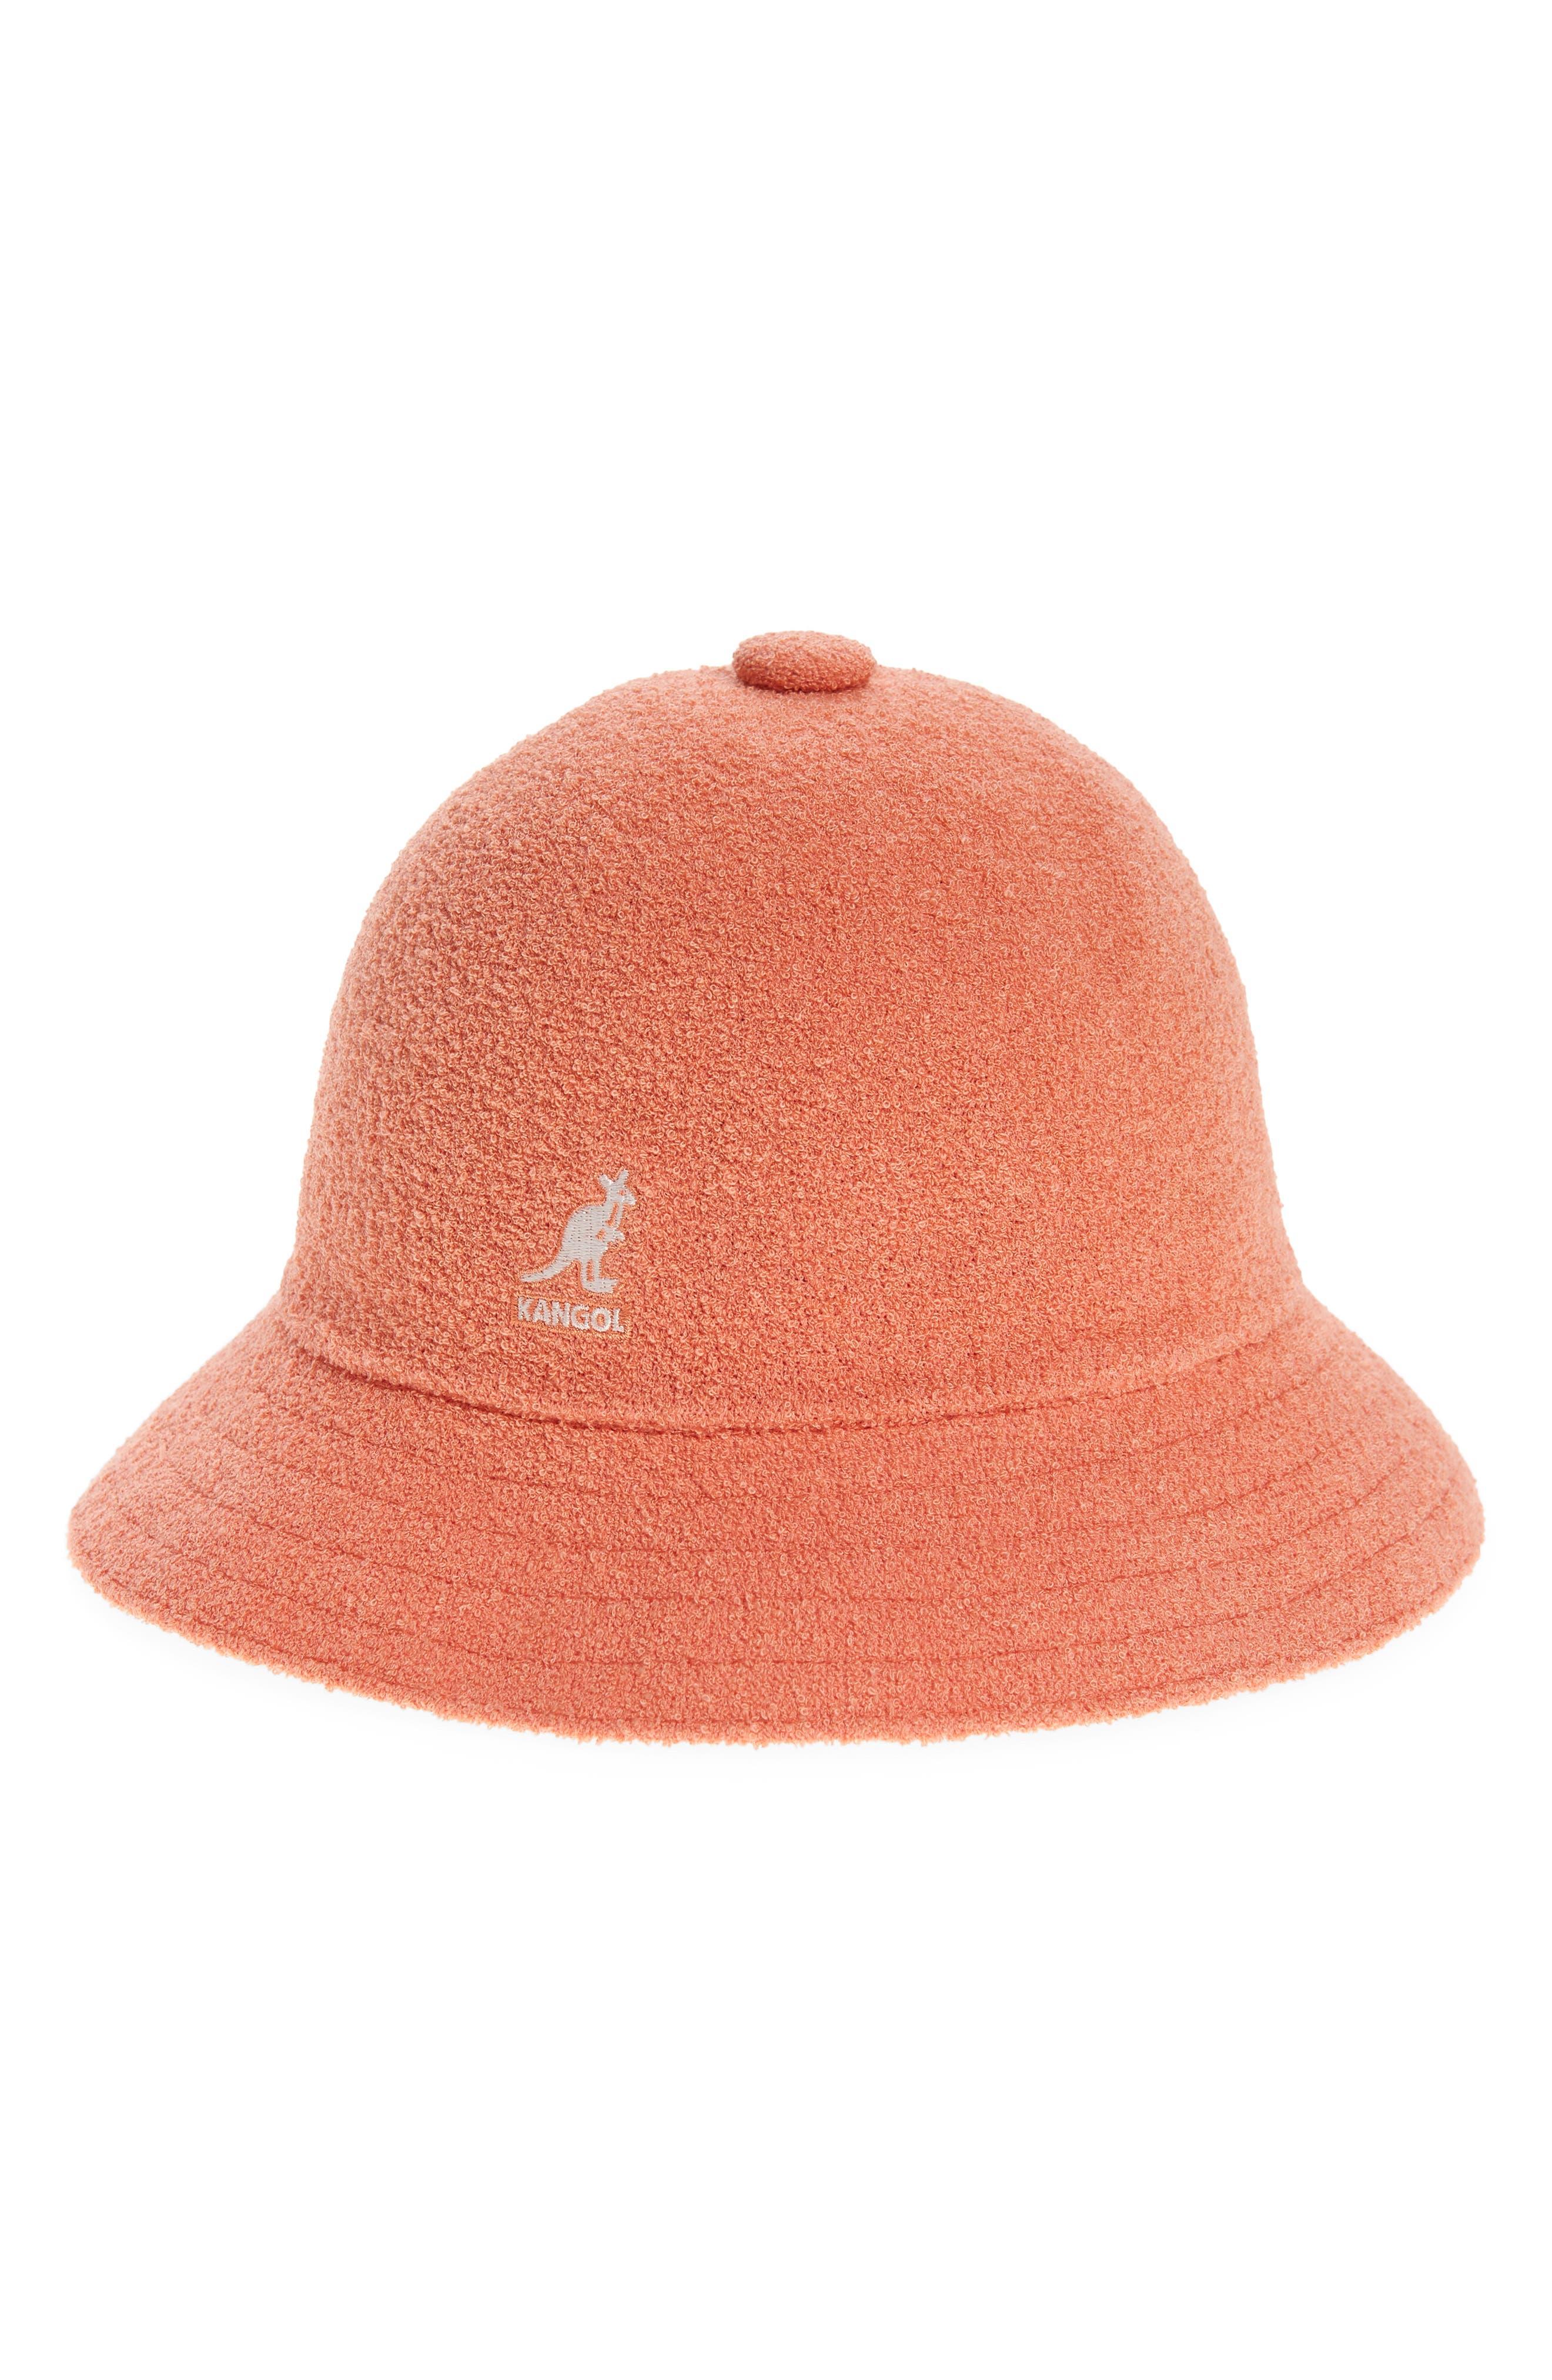 Bermuda Casual Cloche Hat